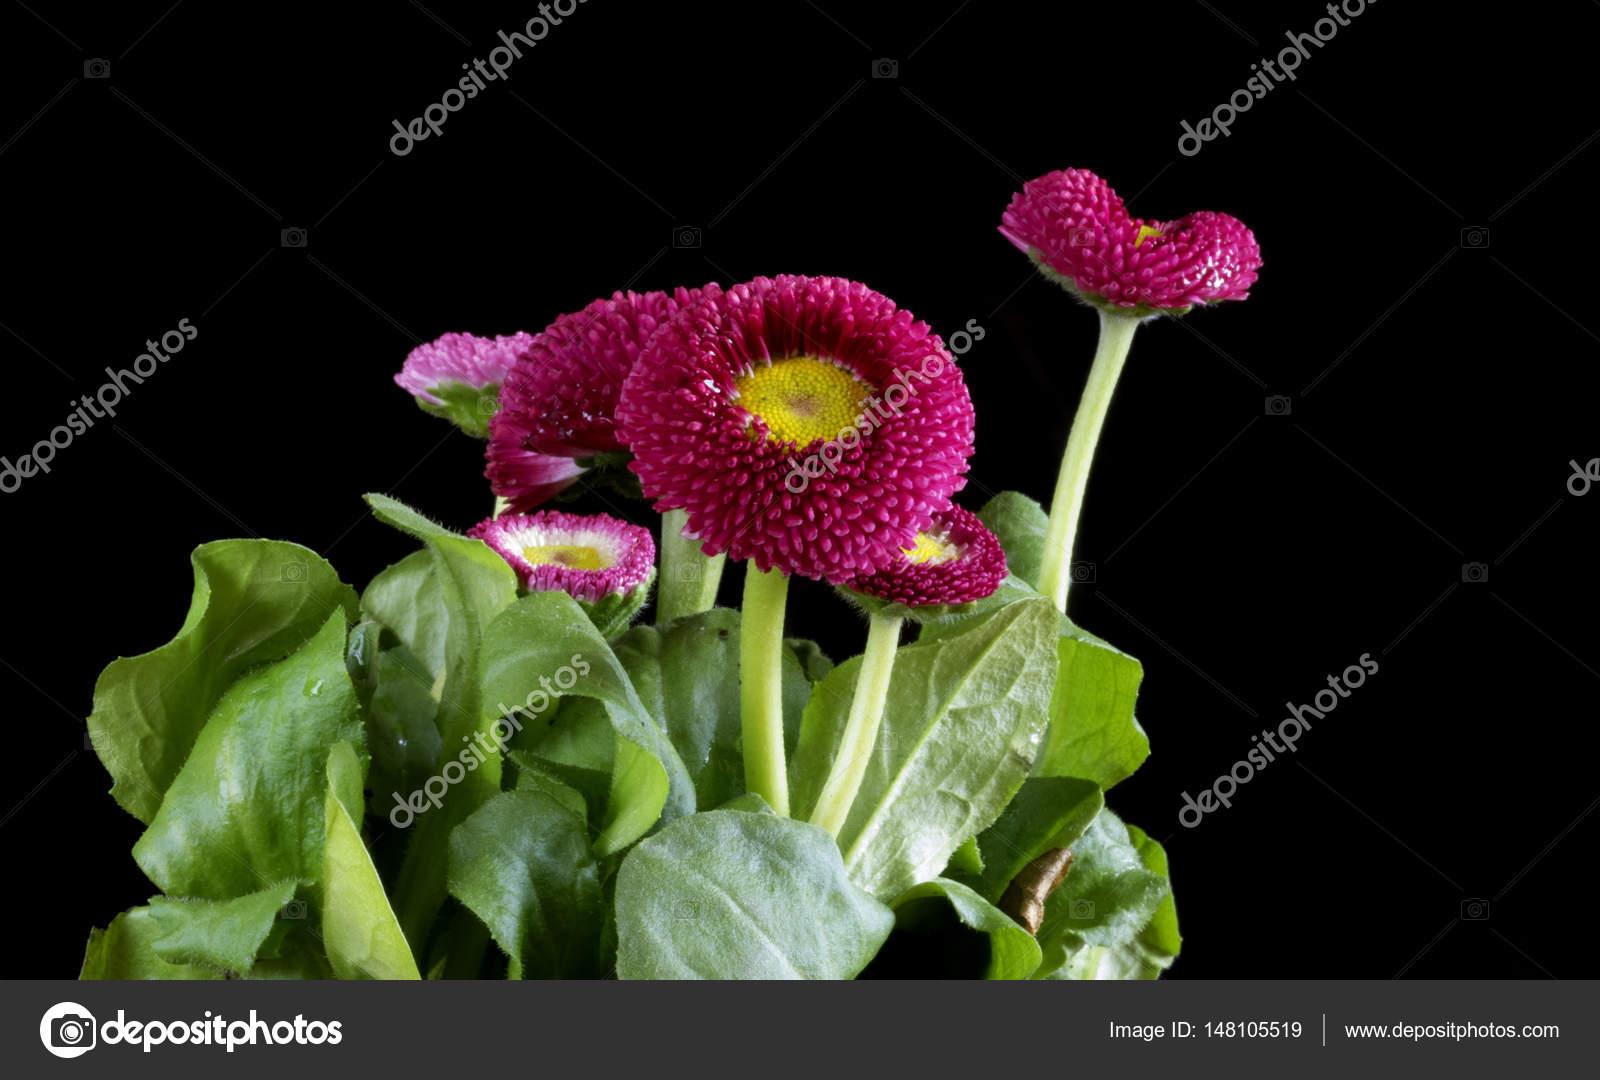 Red daisy flower head stock photo igorgolovniov 148105519 red daisy flower head on black background bellis perennis english daisy asteraceae macro photo by igorgolovniov izmirmasajfo